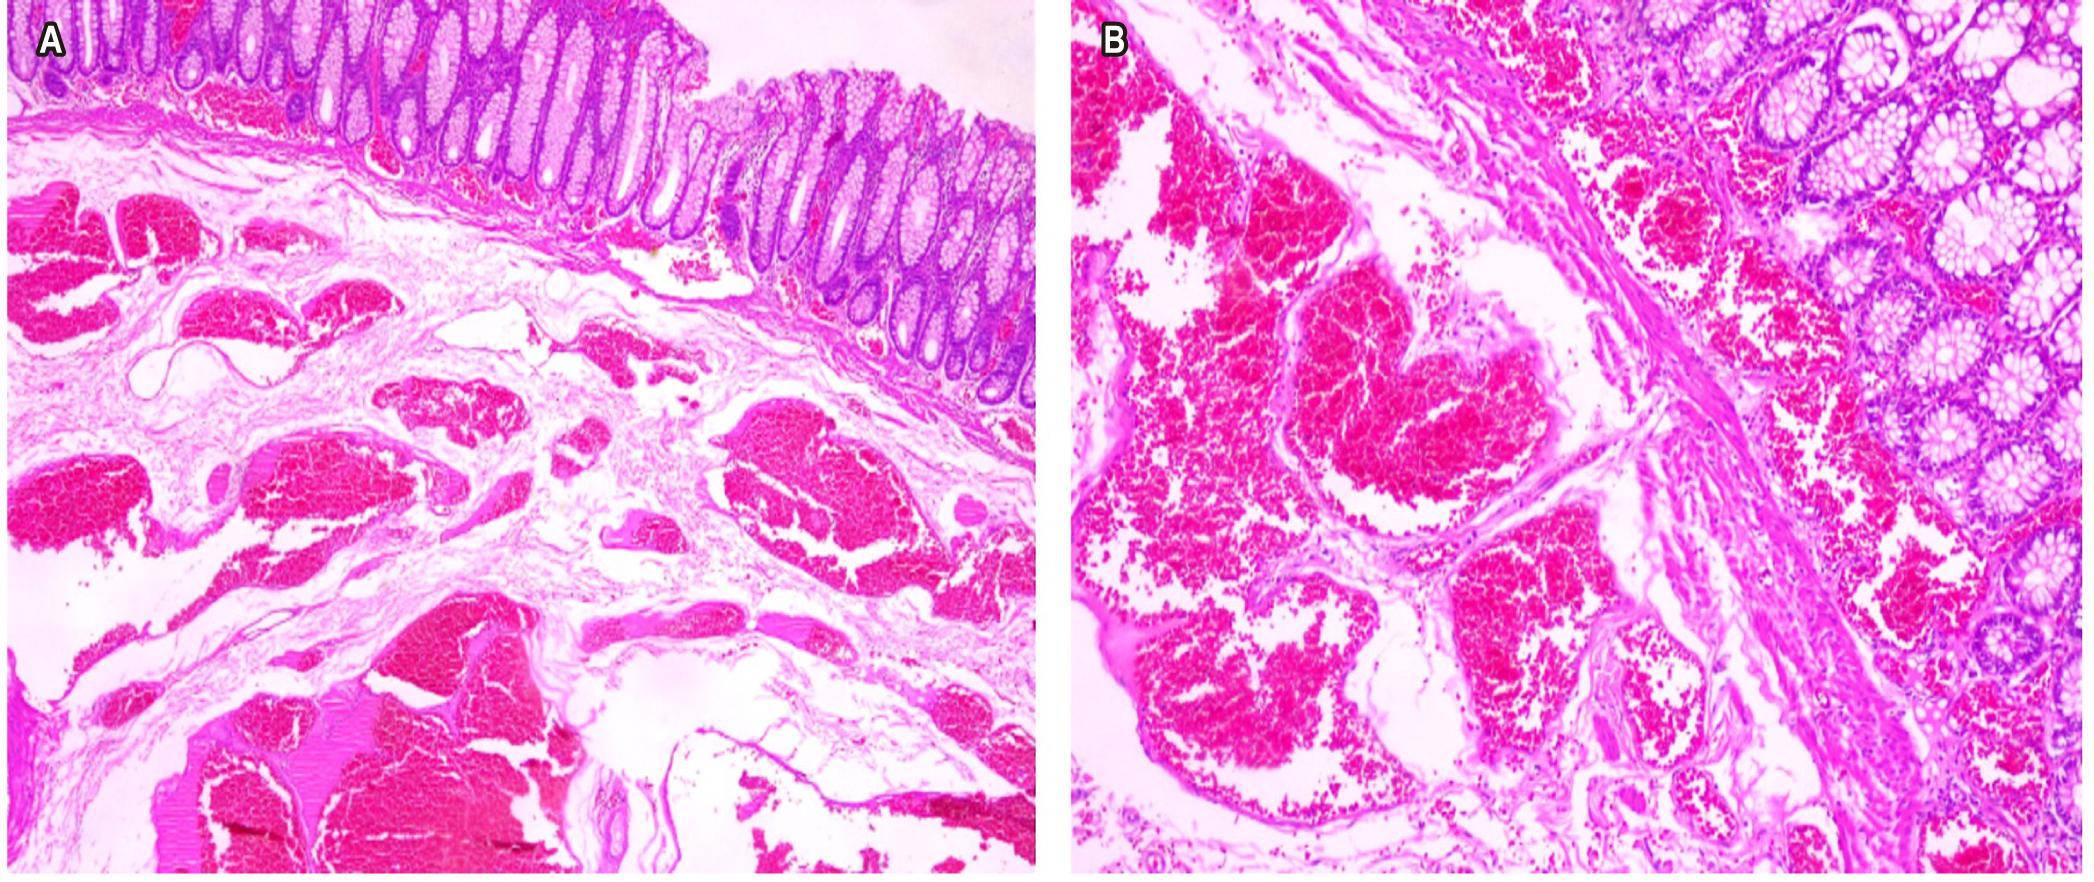 Figura 2. Representación de la lesión en la que se observan vasos sanguíneos de diferentes tamaños en la submucosa